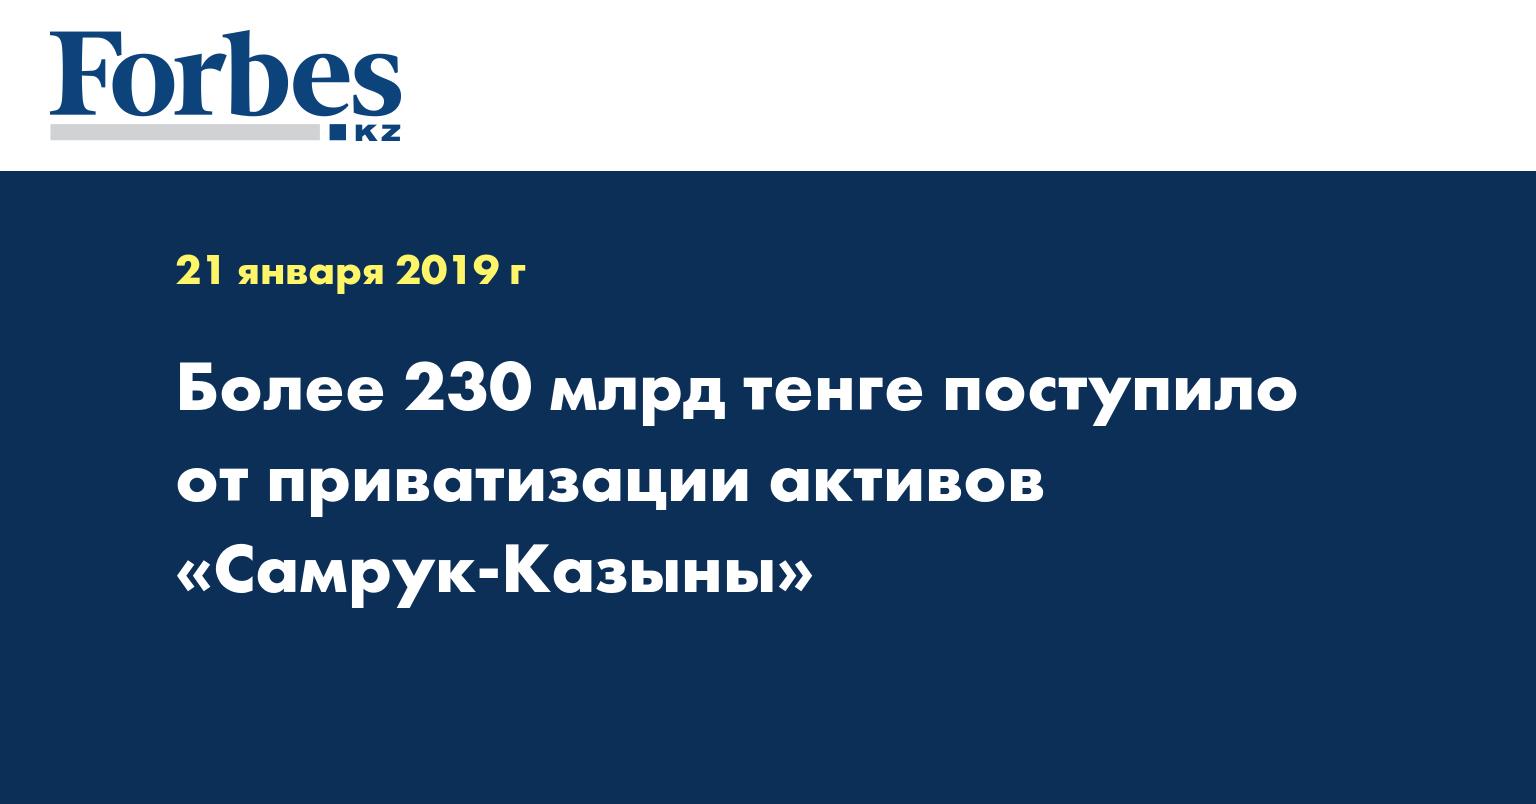 Более 230 млрд тенге поступило от приватизации активов «Самрук-Казыны»